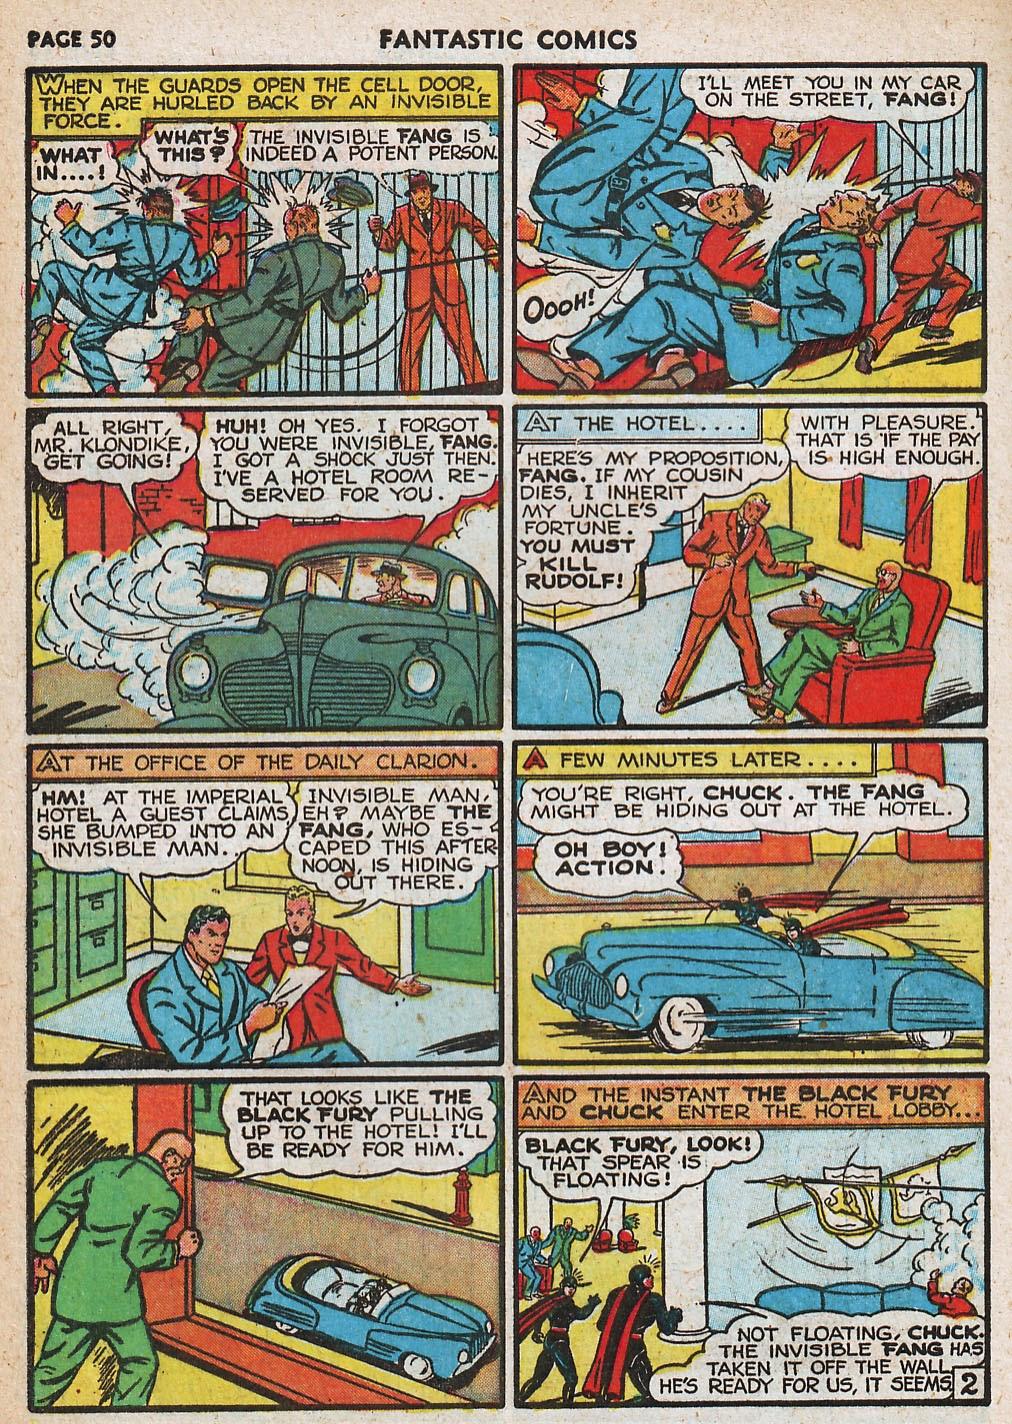 Read online Fantastic Comics comic -  Issue #20 - 50